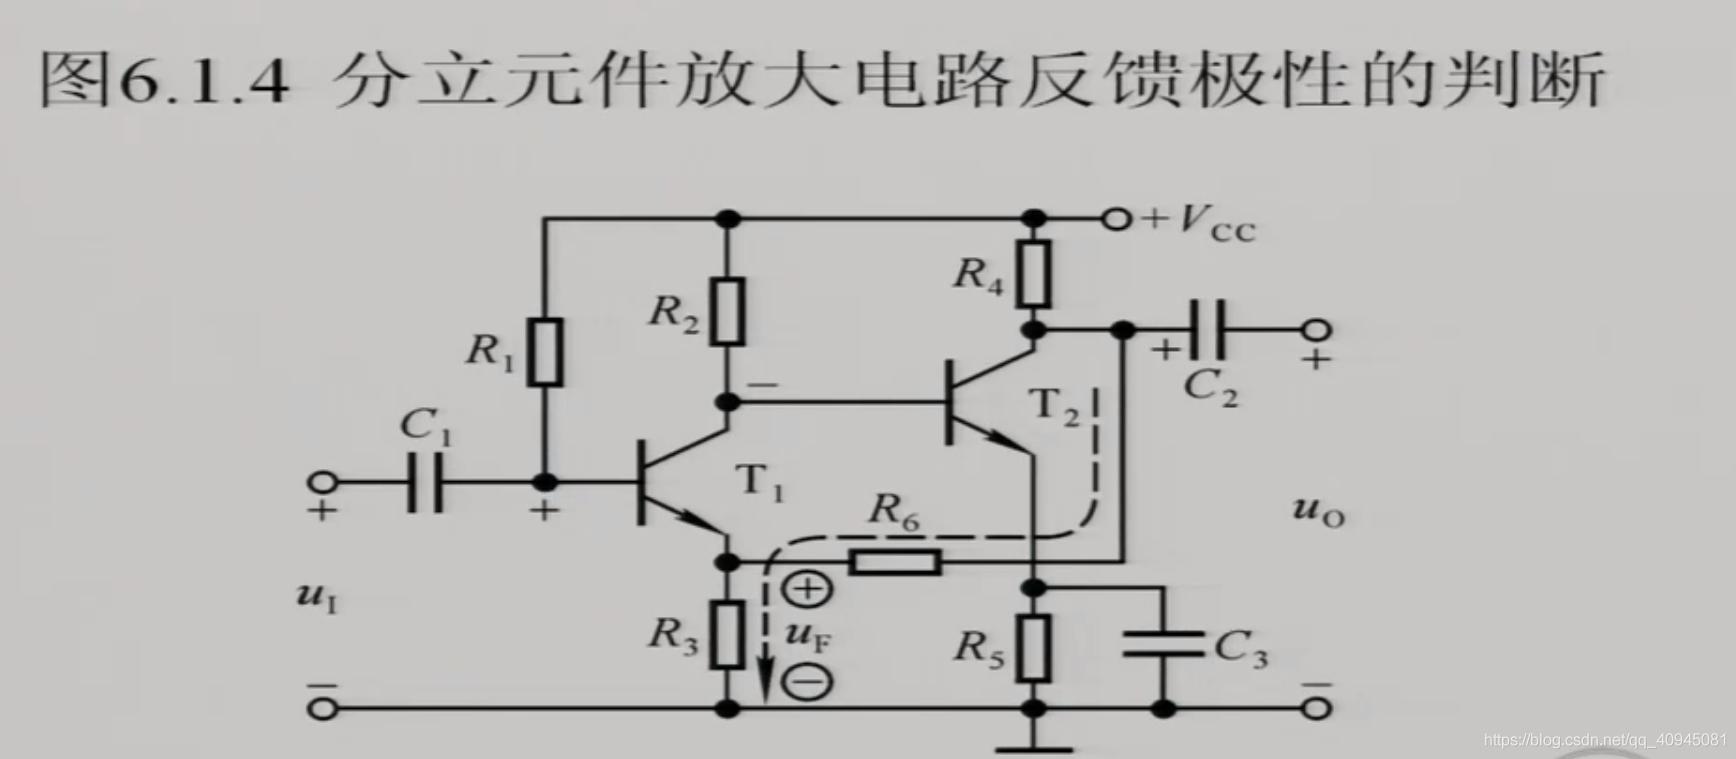 分立元件放大电路的反馈极性